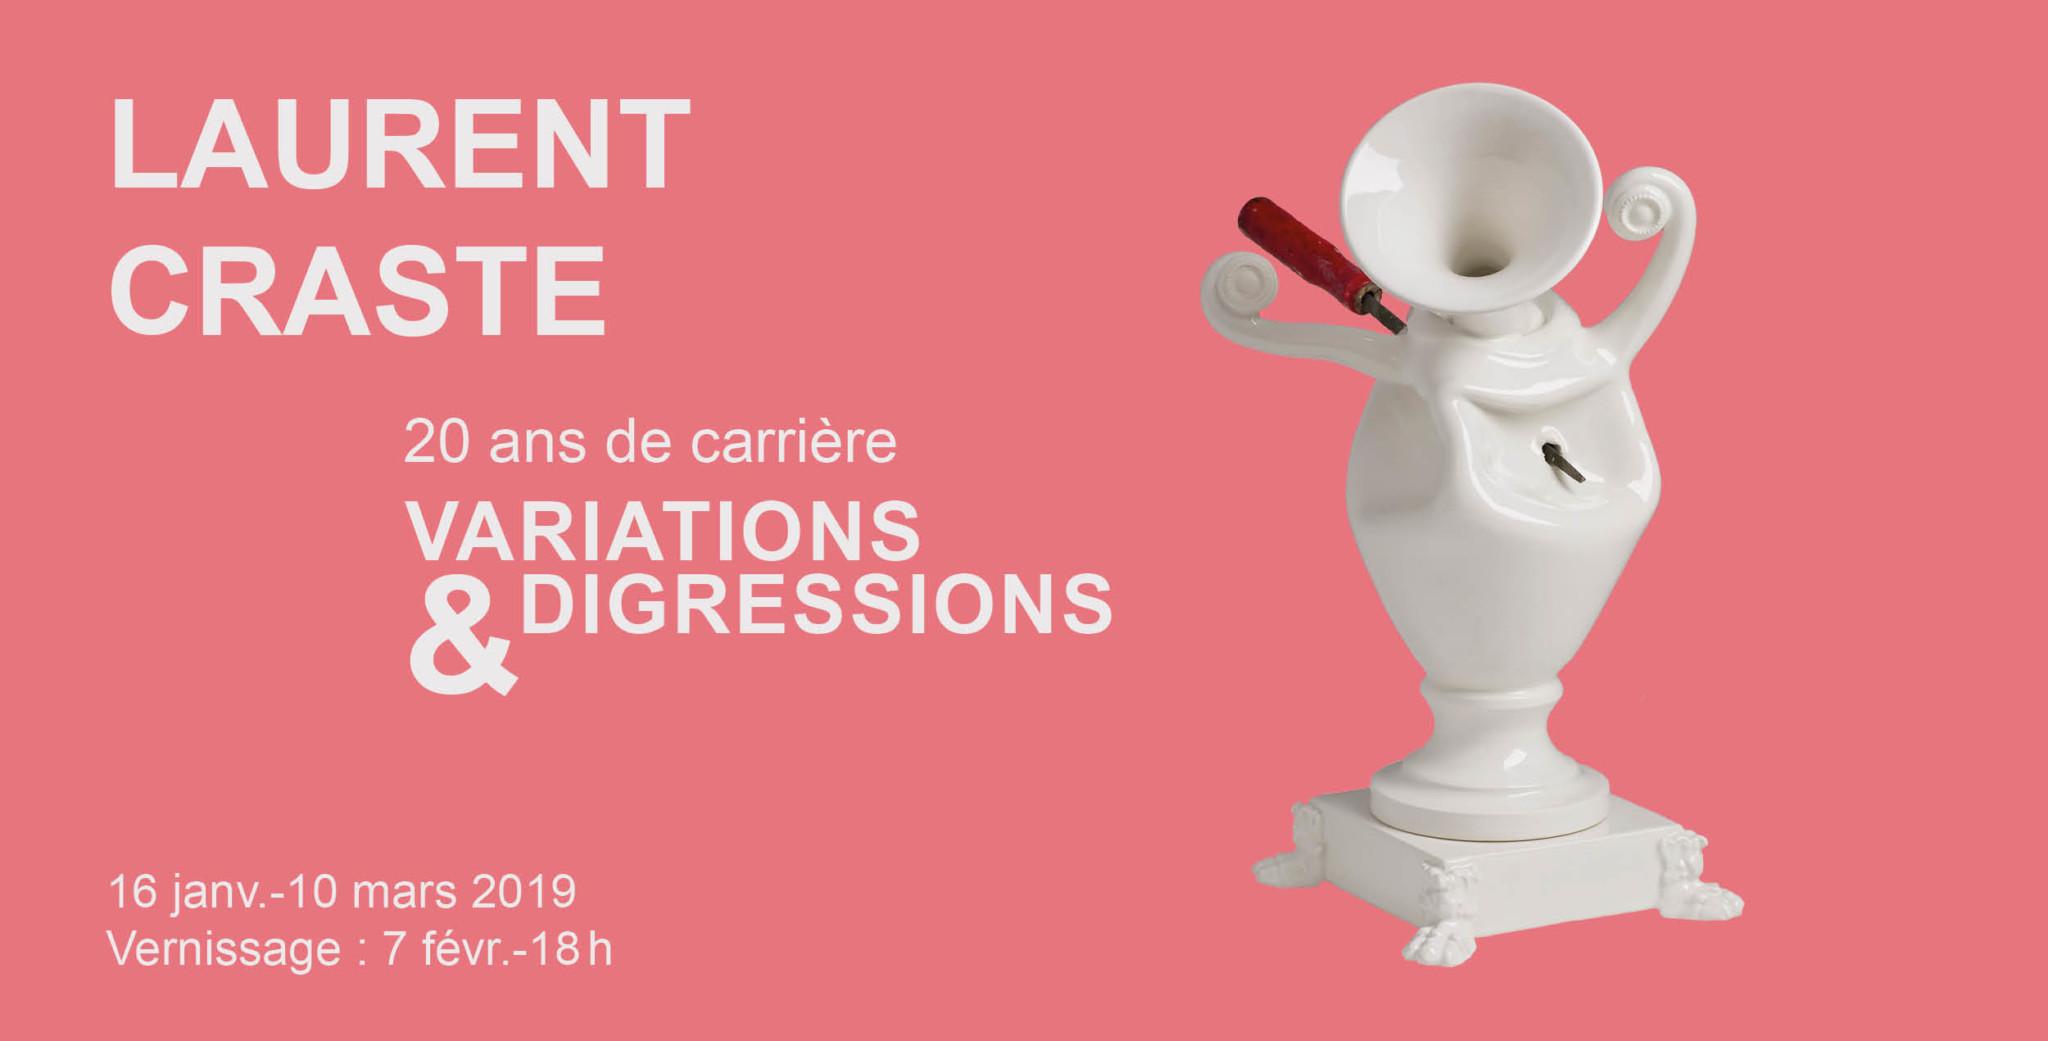 Laurent Craste  20 ans de carrière : variations & digressions